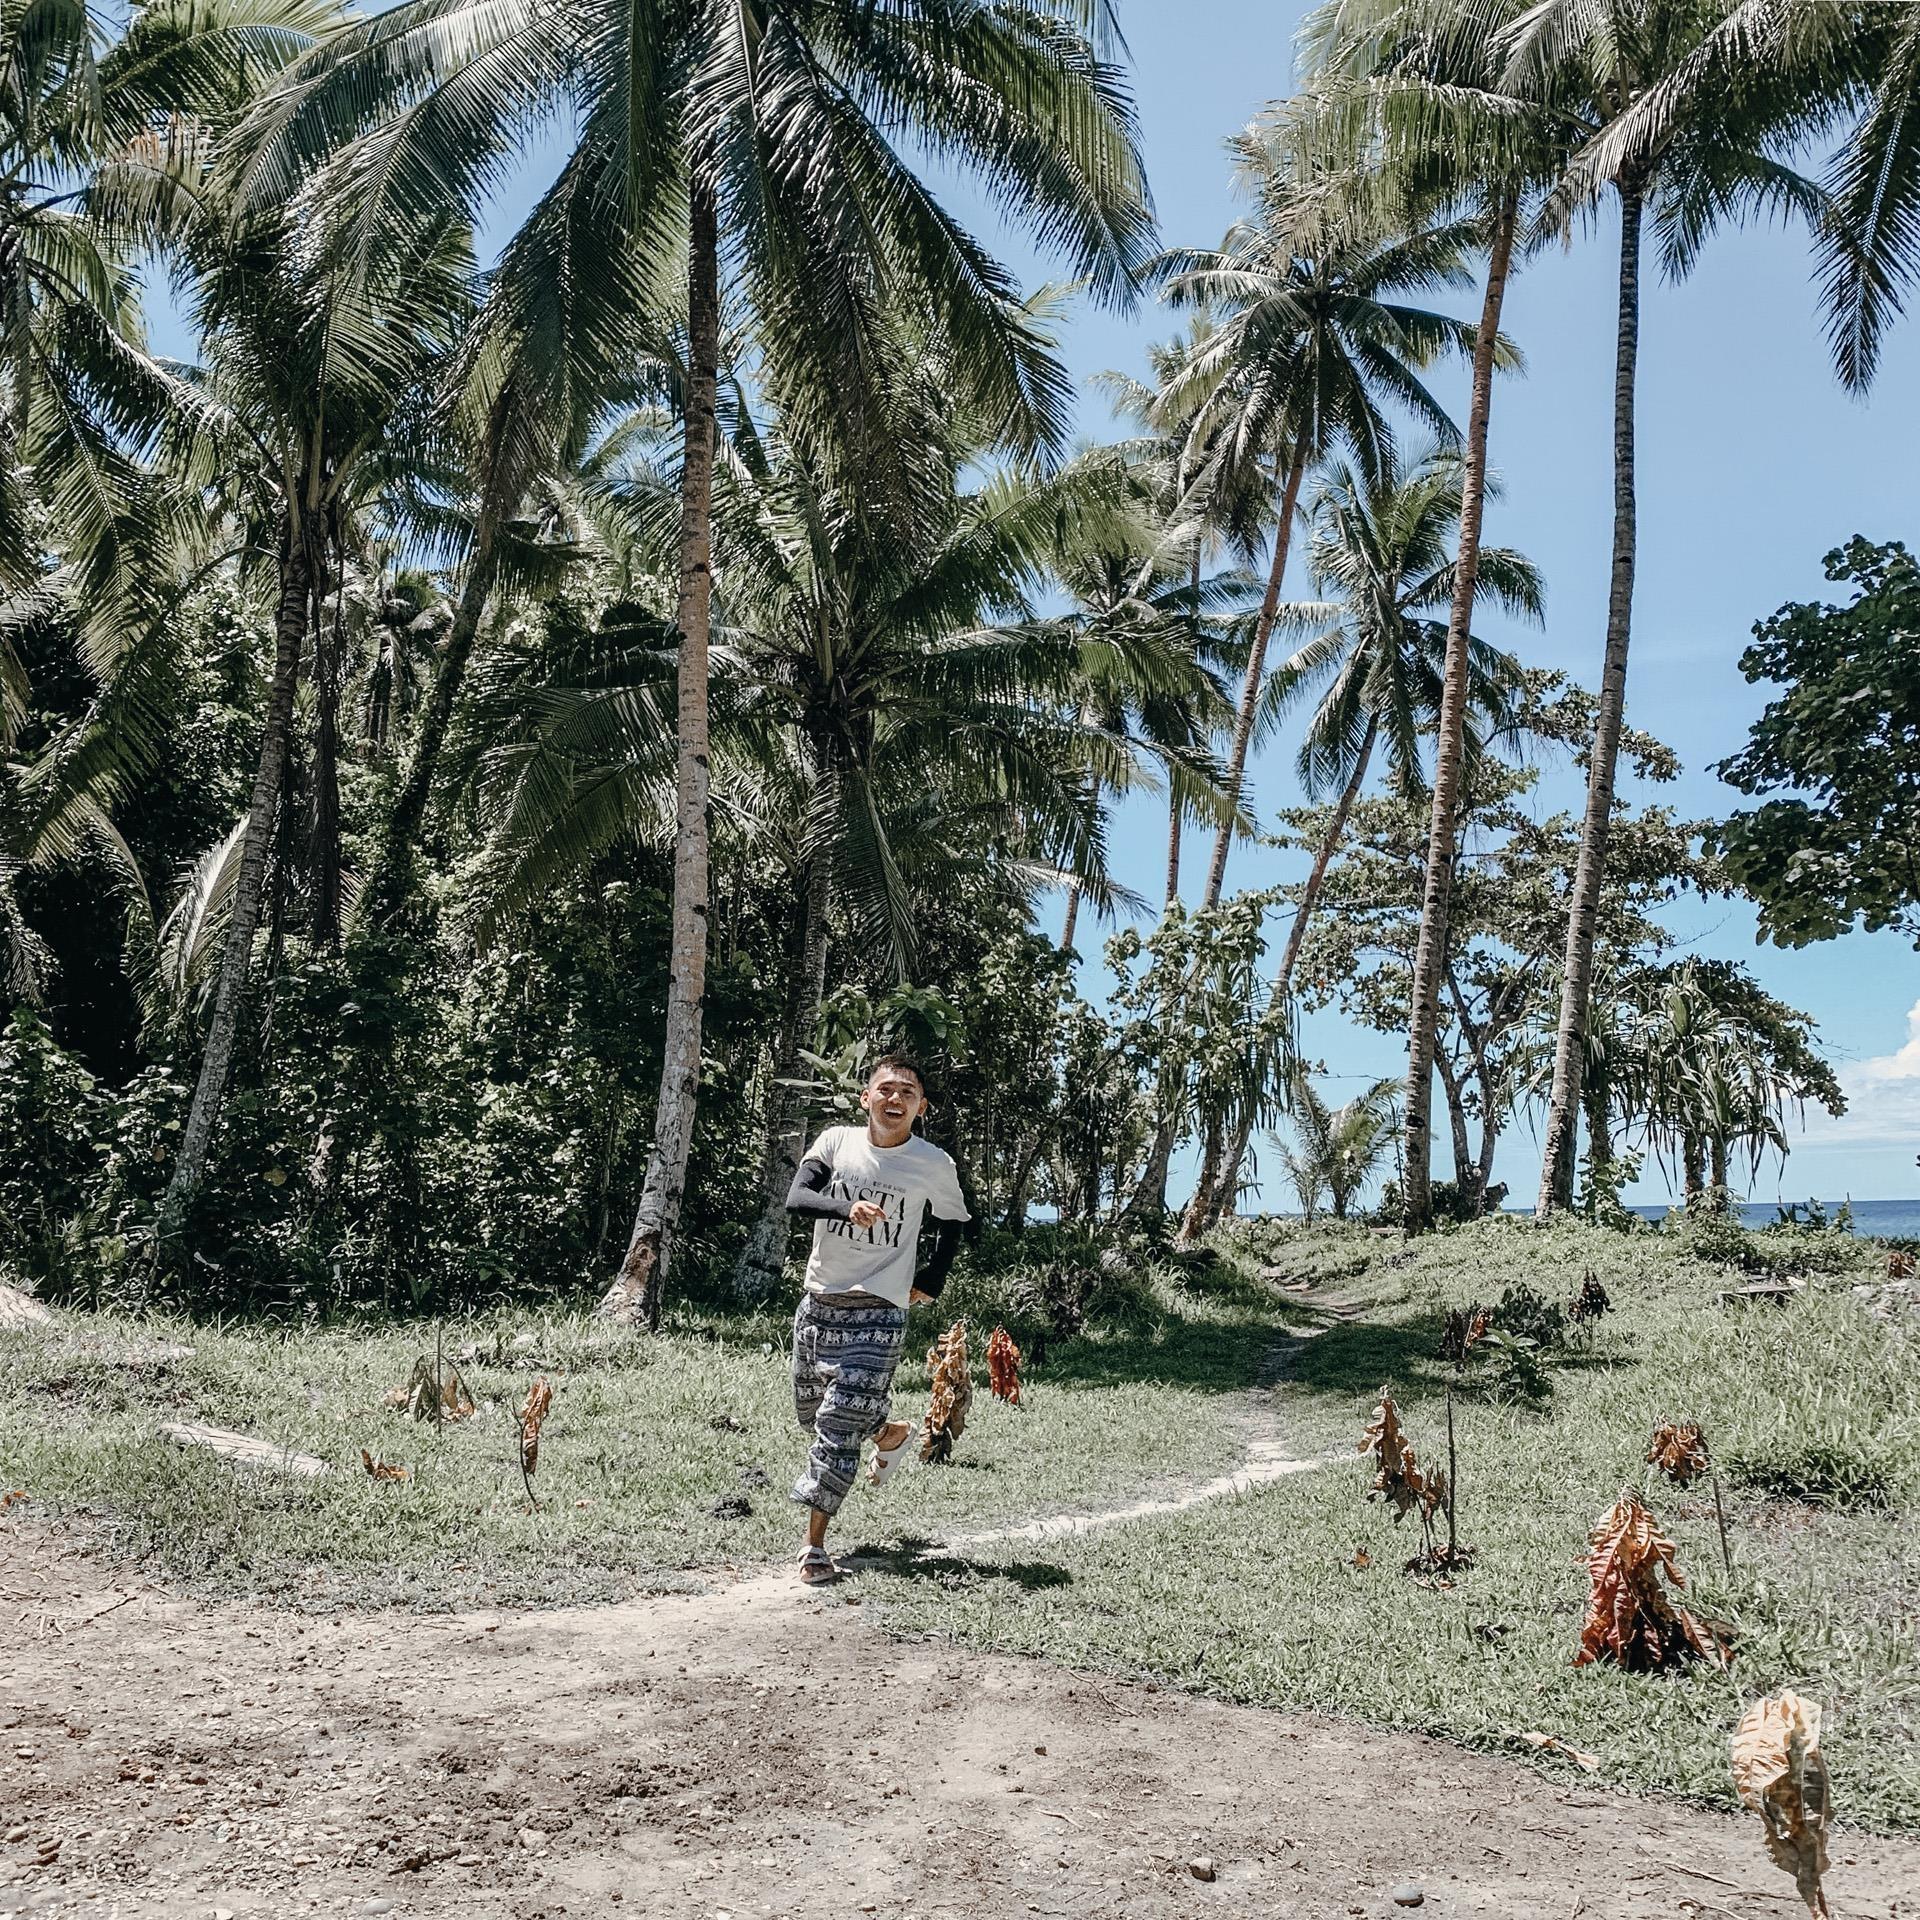 Dao Morotai, thien duong bien sap 'soan ngoi' Bali o Indonesia hinh anh 4